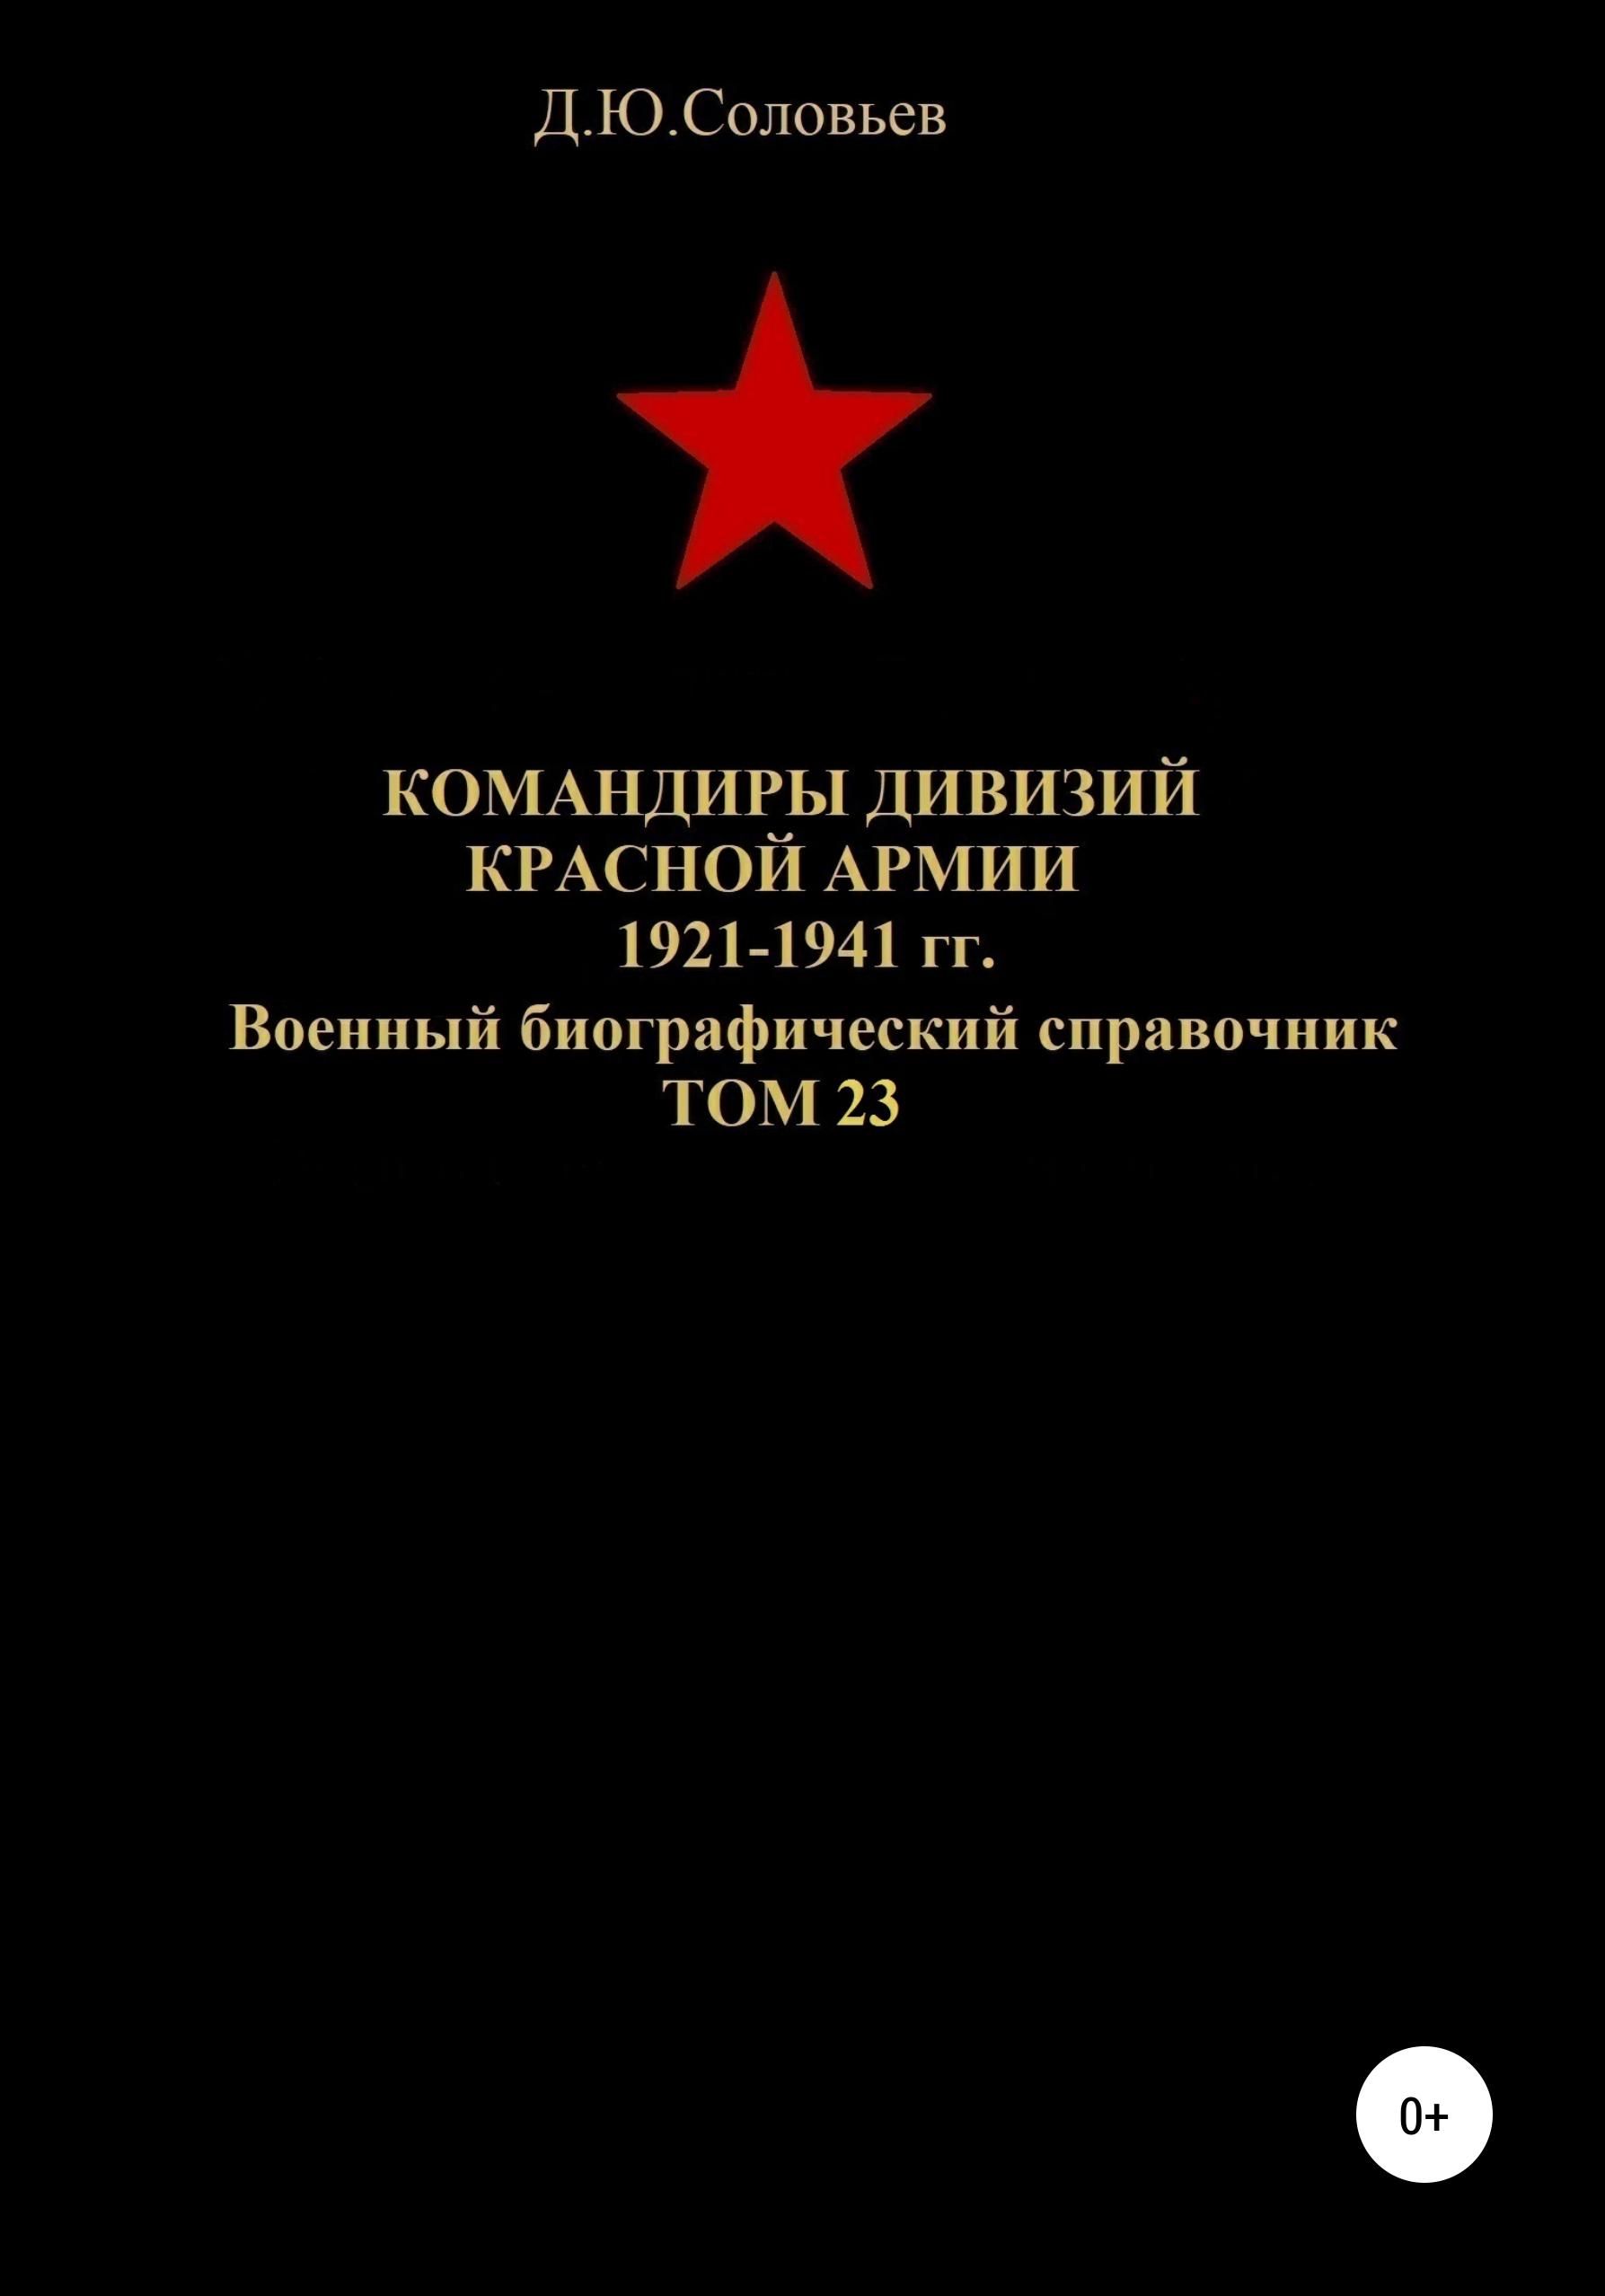 Командиры дивизий Красной Армии 1921-1941 гг. Том 23